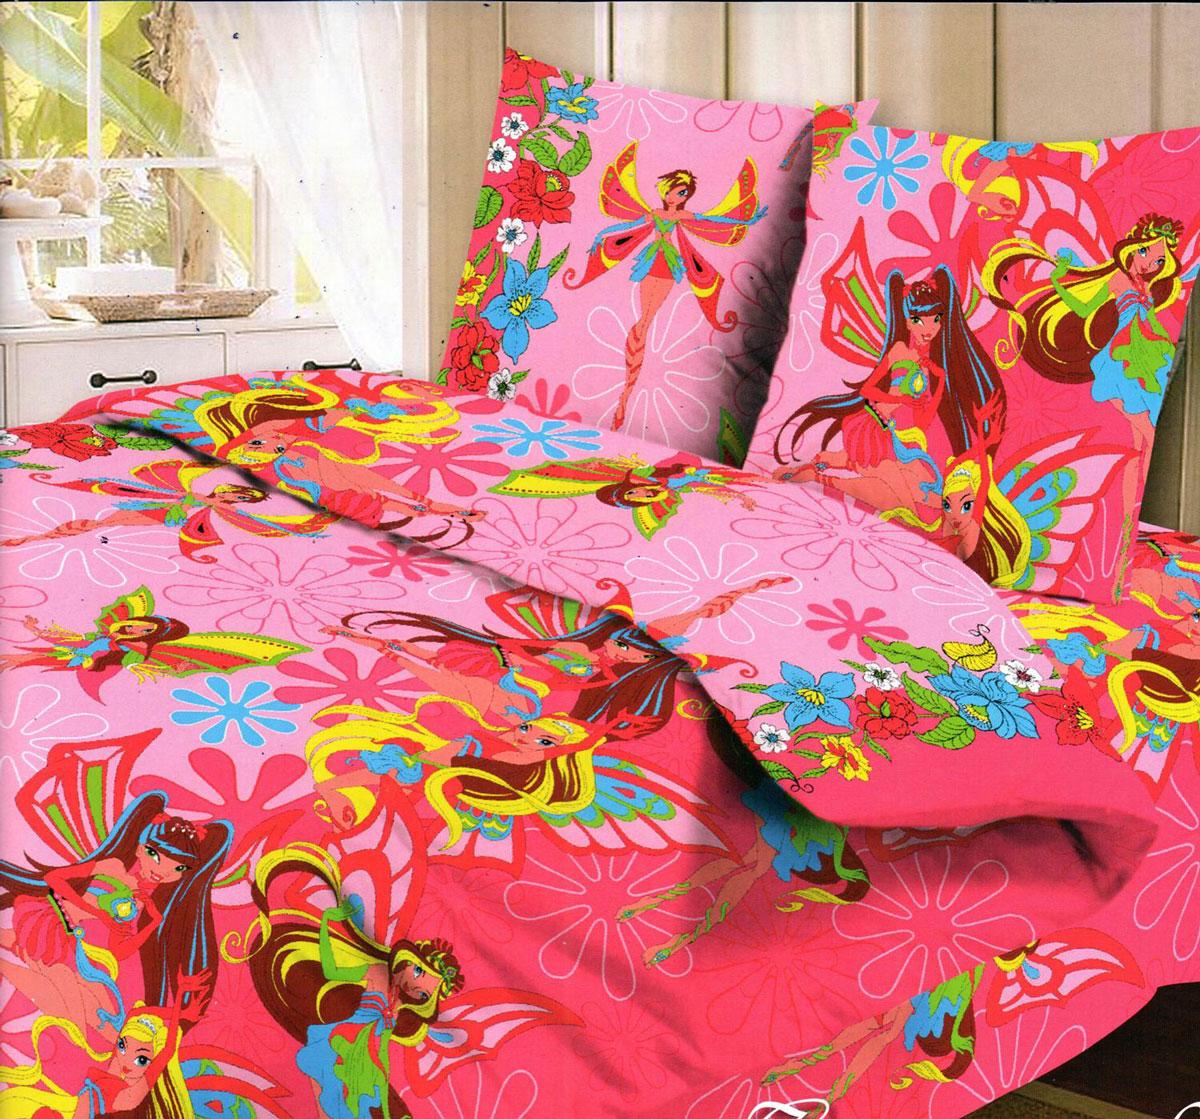 Letto Комплект детского постельного белья Фея цвет розовыйfairy_rose-50Комплект детского постельного белья Letto Фея, состоящий из наволочки, простыни и пододеяльника, выполнен из натурального 100% хлопка. Комплект оформлен изображениями волшебных фей и яркими цветами.Хлопок - это натуральный материал, который не раздражает даже самую нежную и чувствительную кожу малыша, не вызывает аллергии и хорошо вентилируется. Такой комплект идеально подойдет для кроватки вашей малышки. На нем ребенок будет спать здоровым и крепким сном.